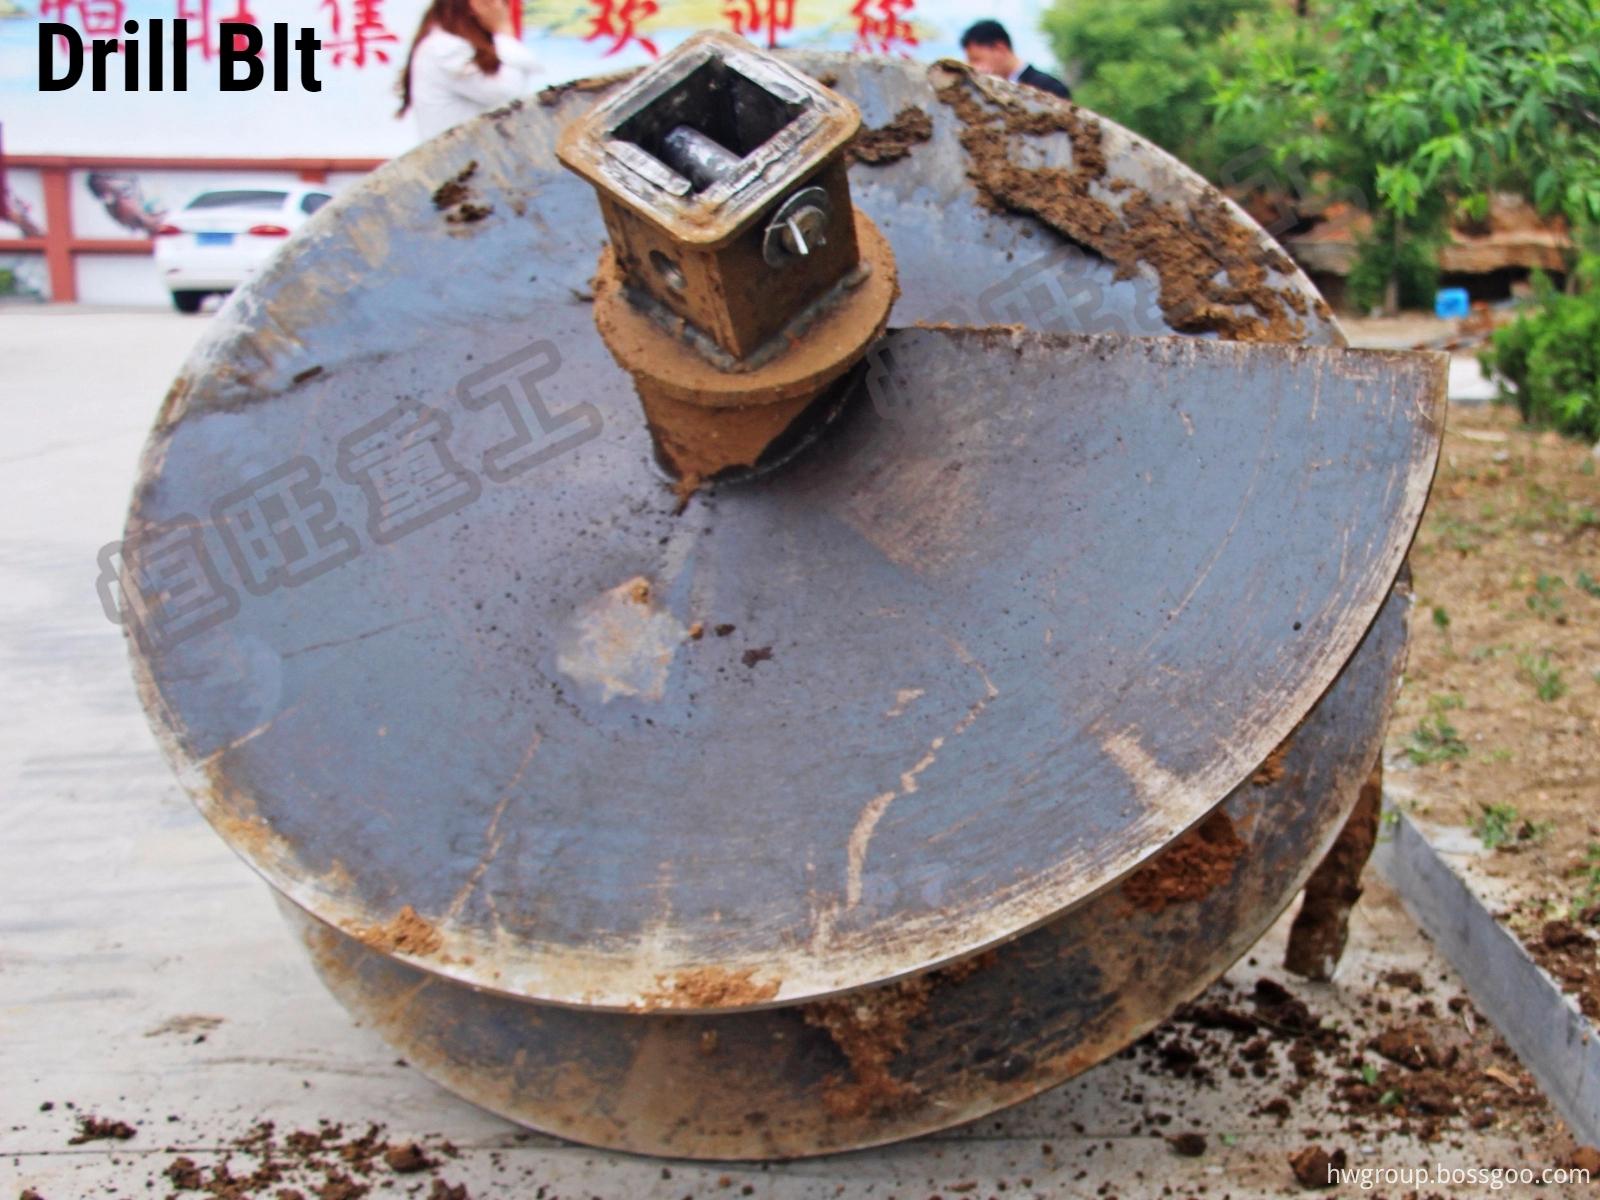 HTB1BcnCQAvoK1RjSZFwq6AiCFXab.jpg_.webp